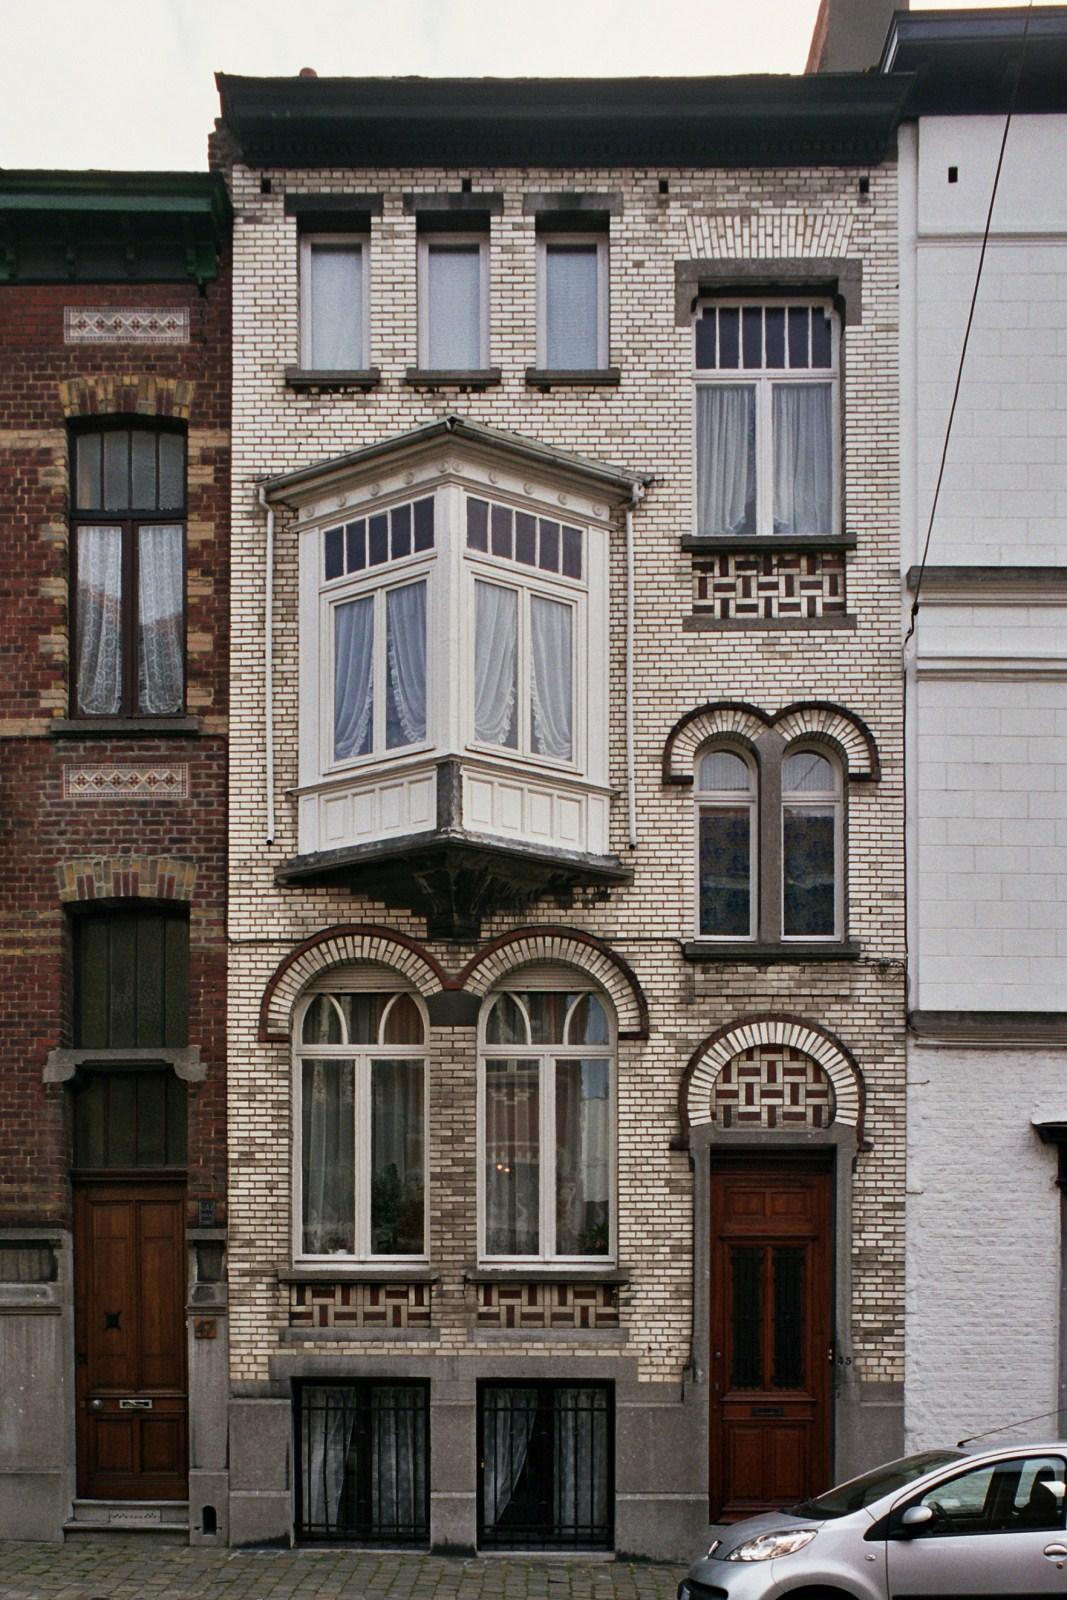 Rue Van Campenhout 45., 2007